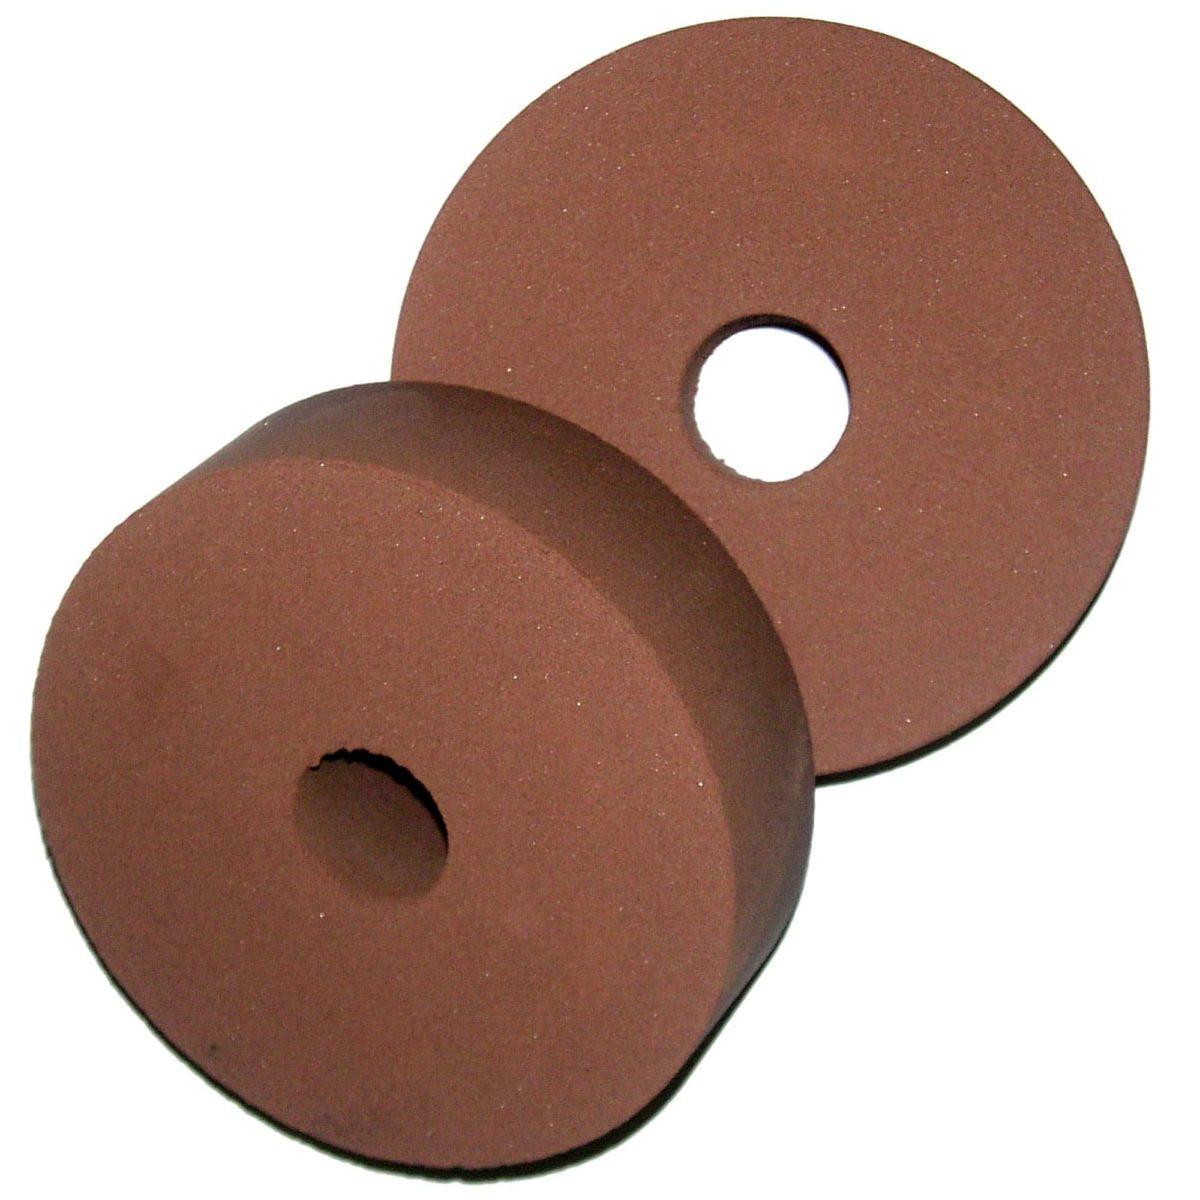 Muela Periferica Ceramica 125x35x22mm. Mod. Bd